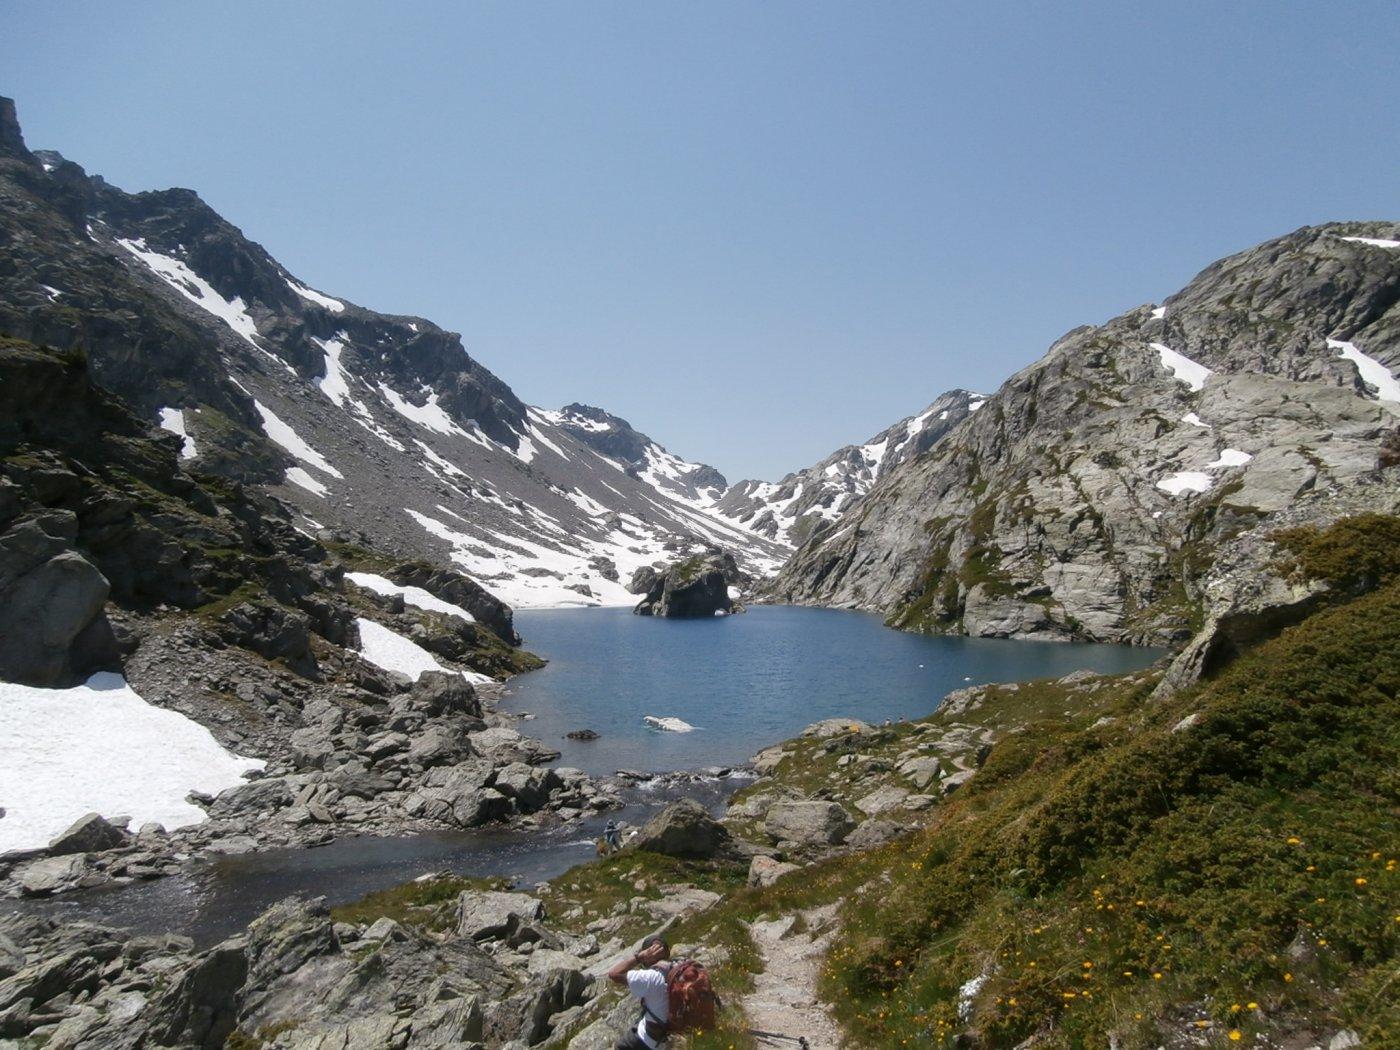 secondo lago con fondovalle e colle...